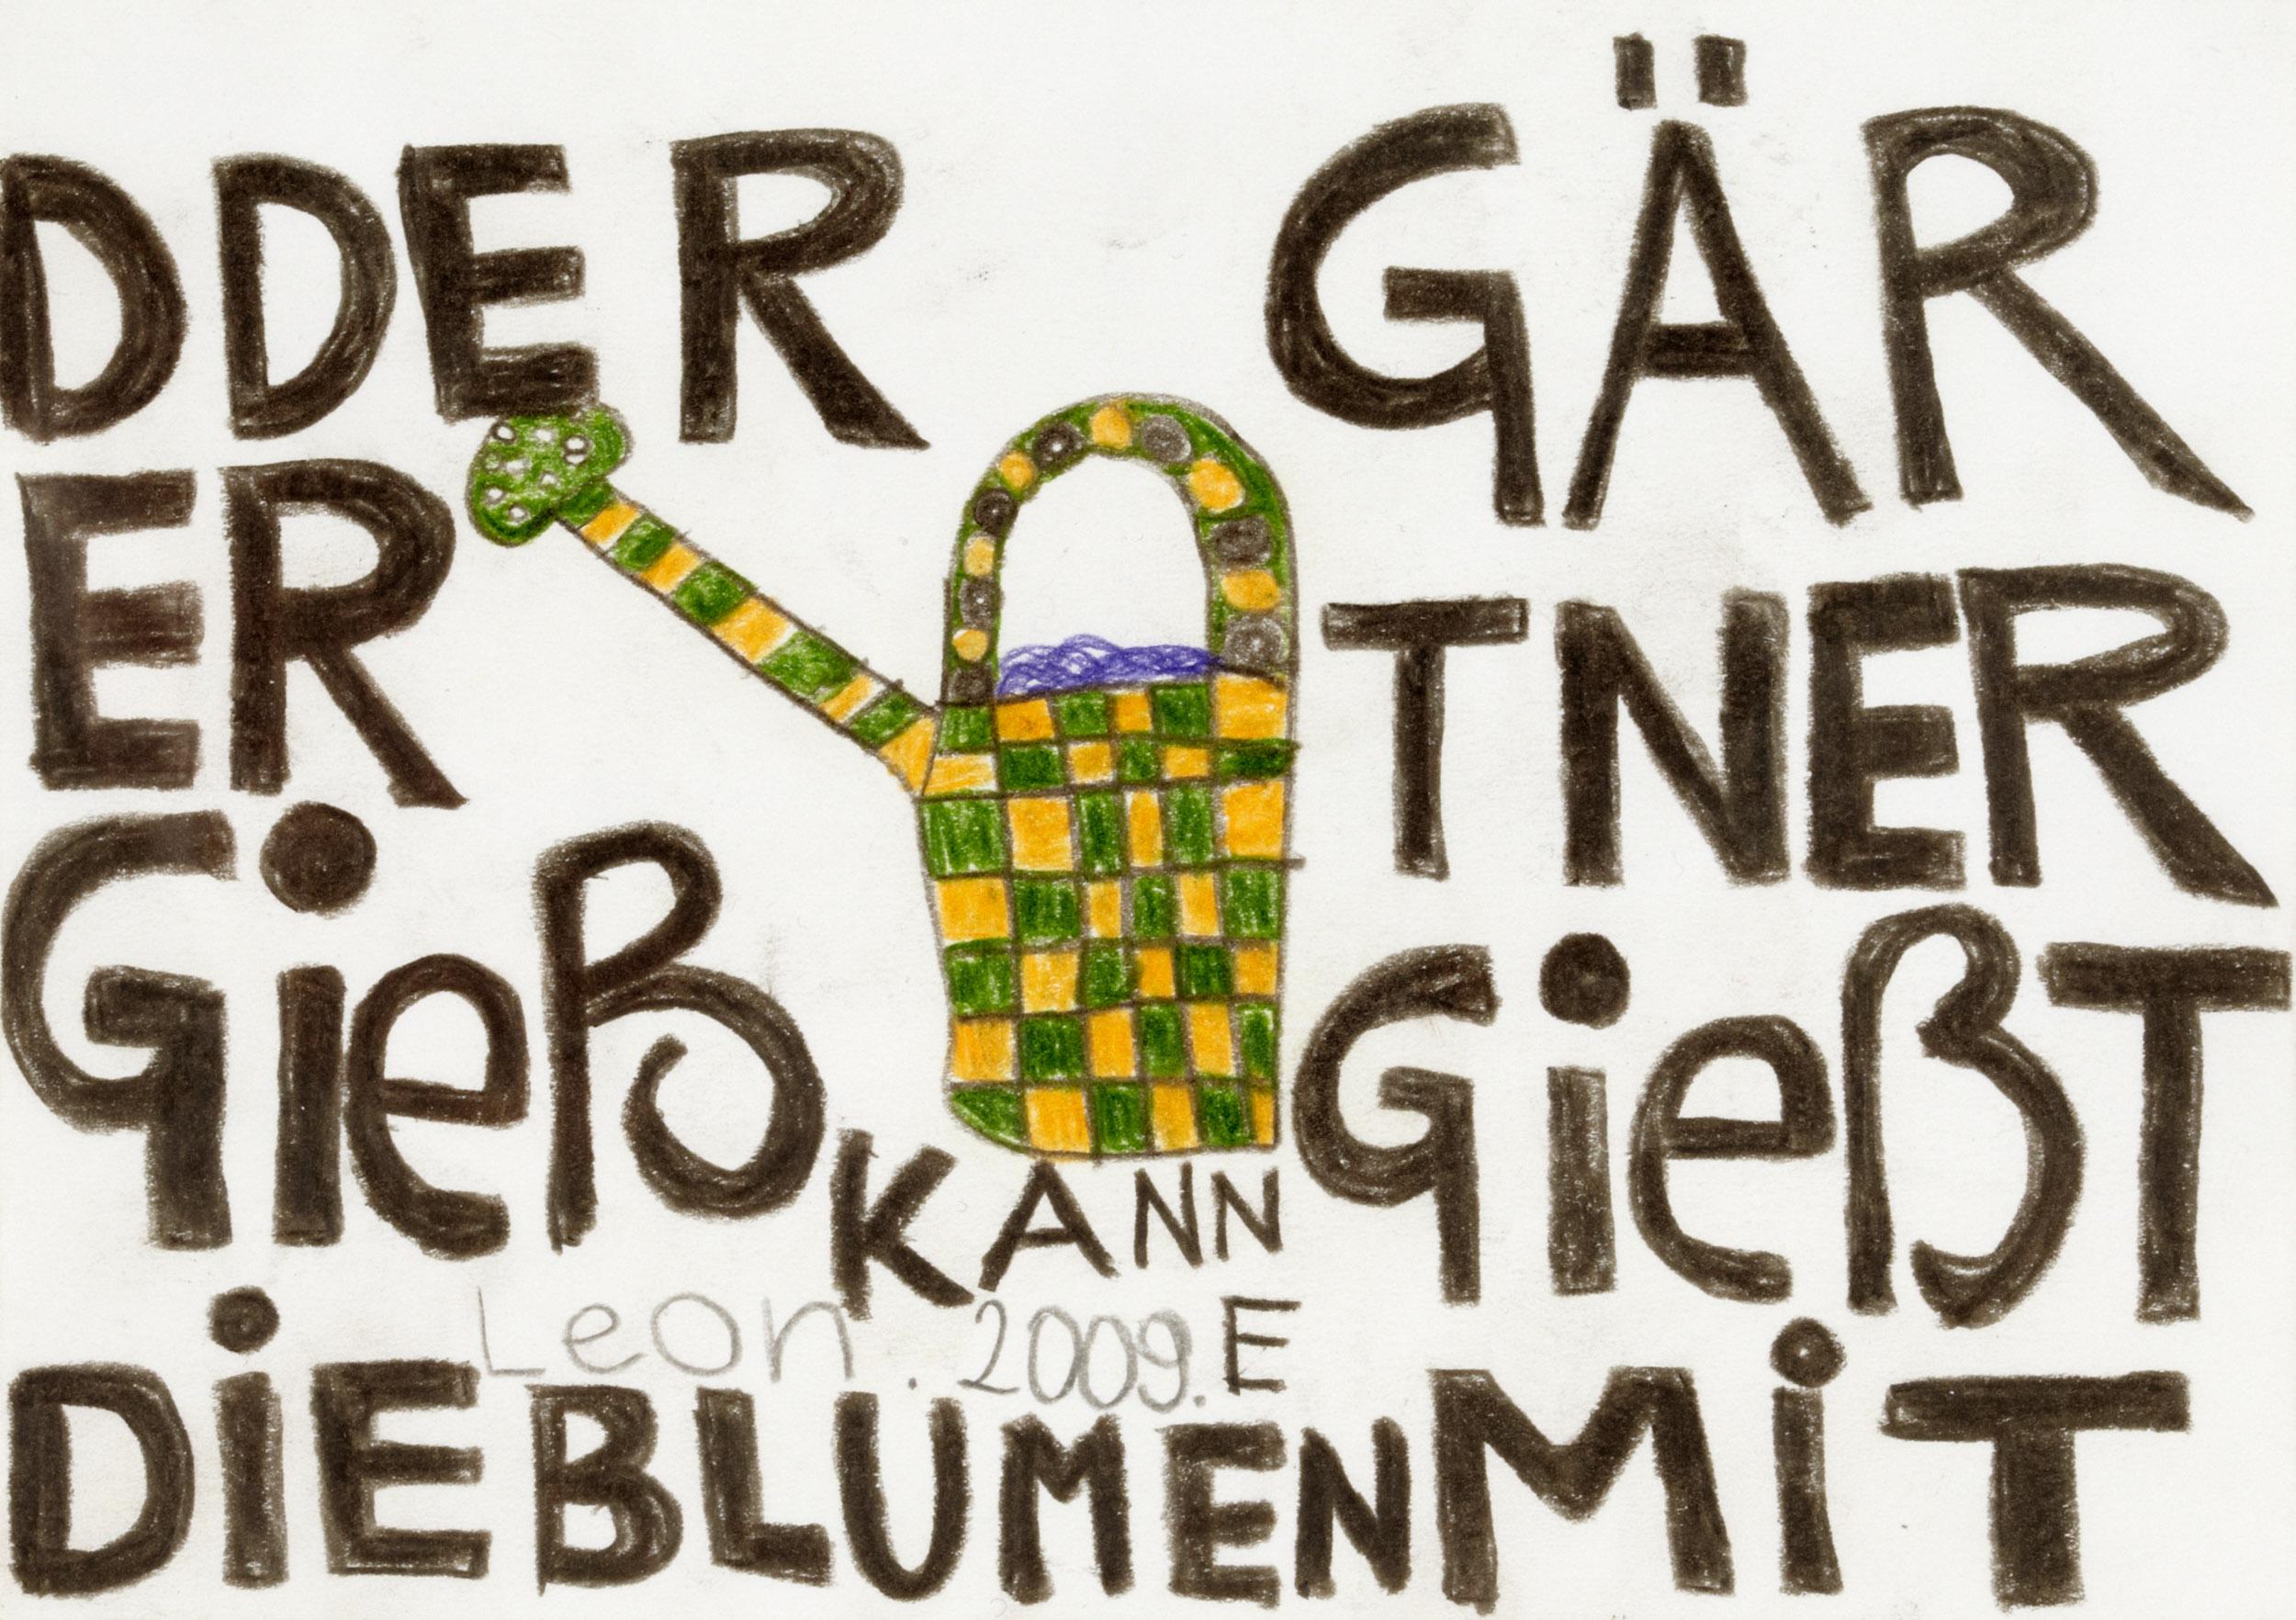 fink leonhard - Die Gießkanne / The watering can